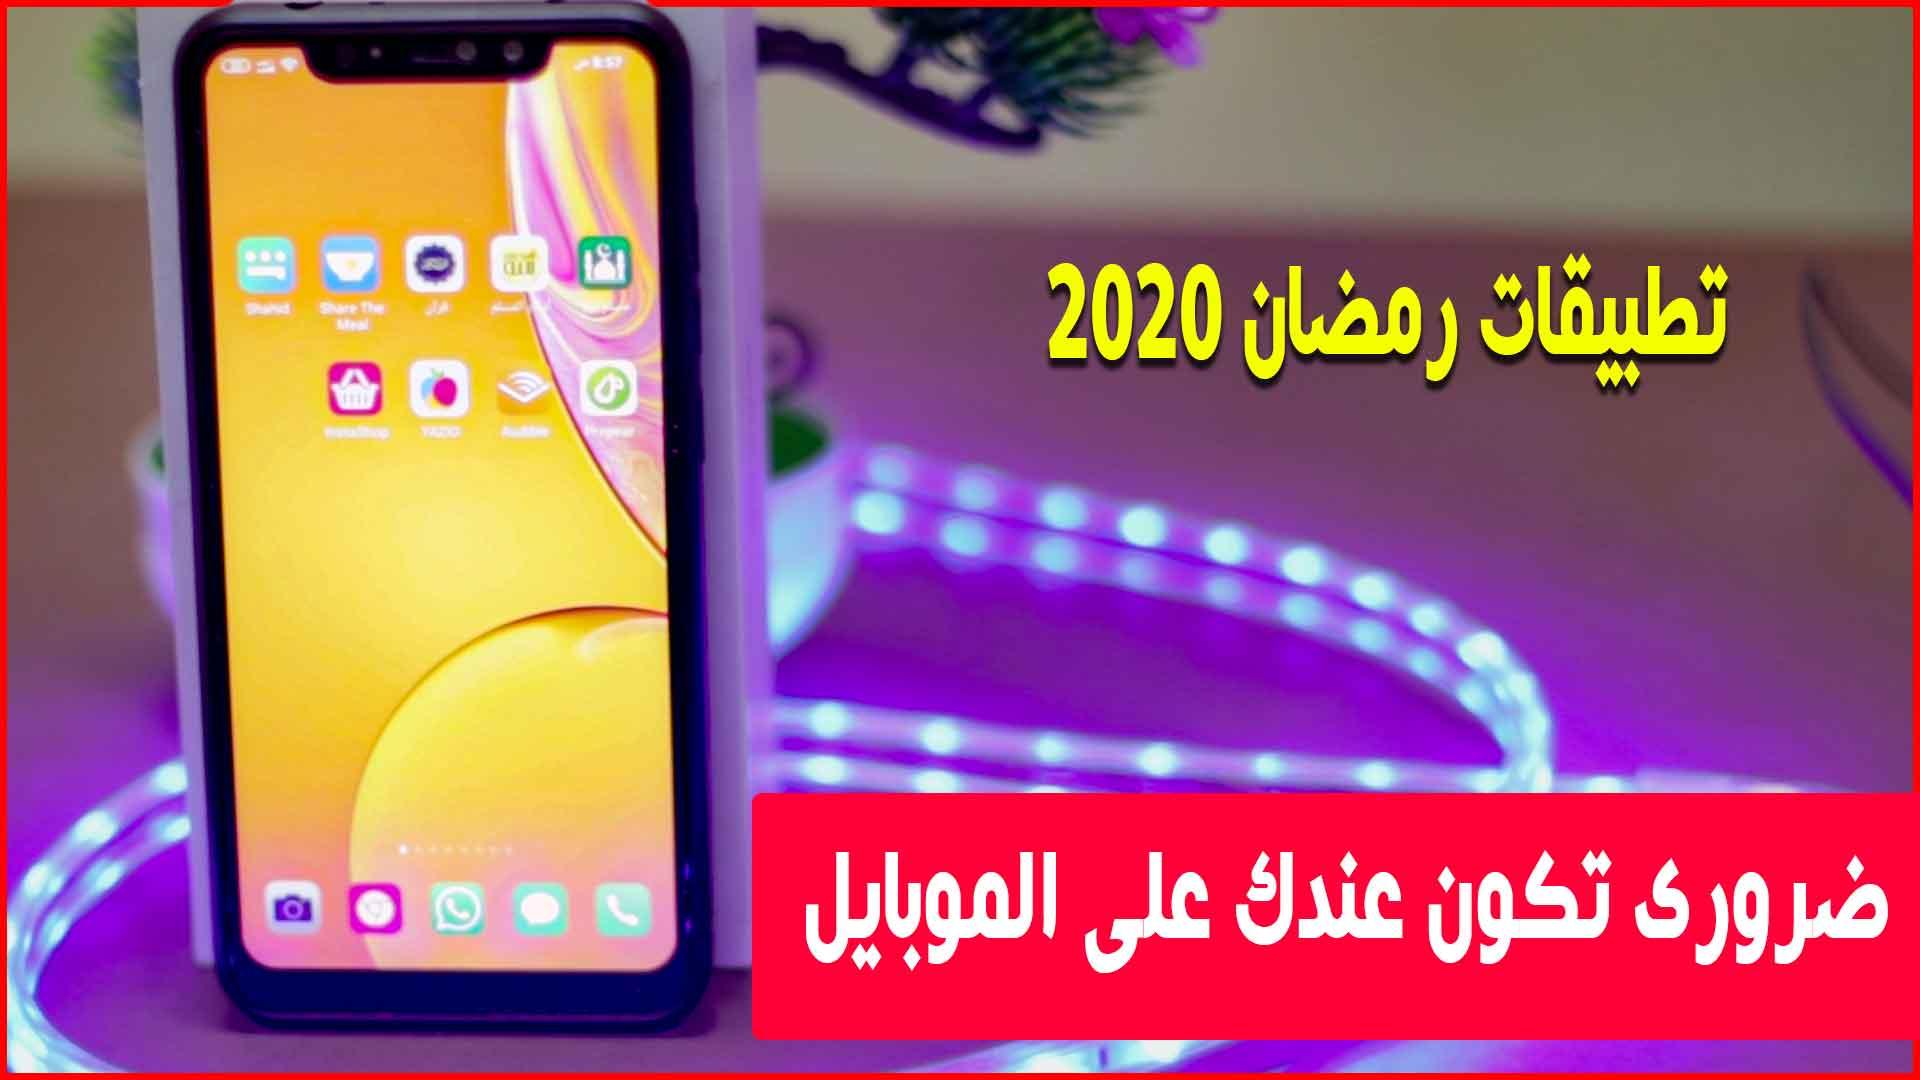 افضل تطبيقات لا تستغني عنها في شهر رمضان 2020